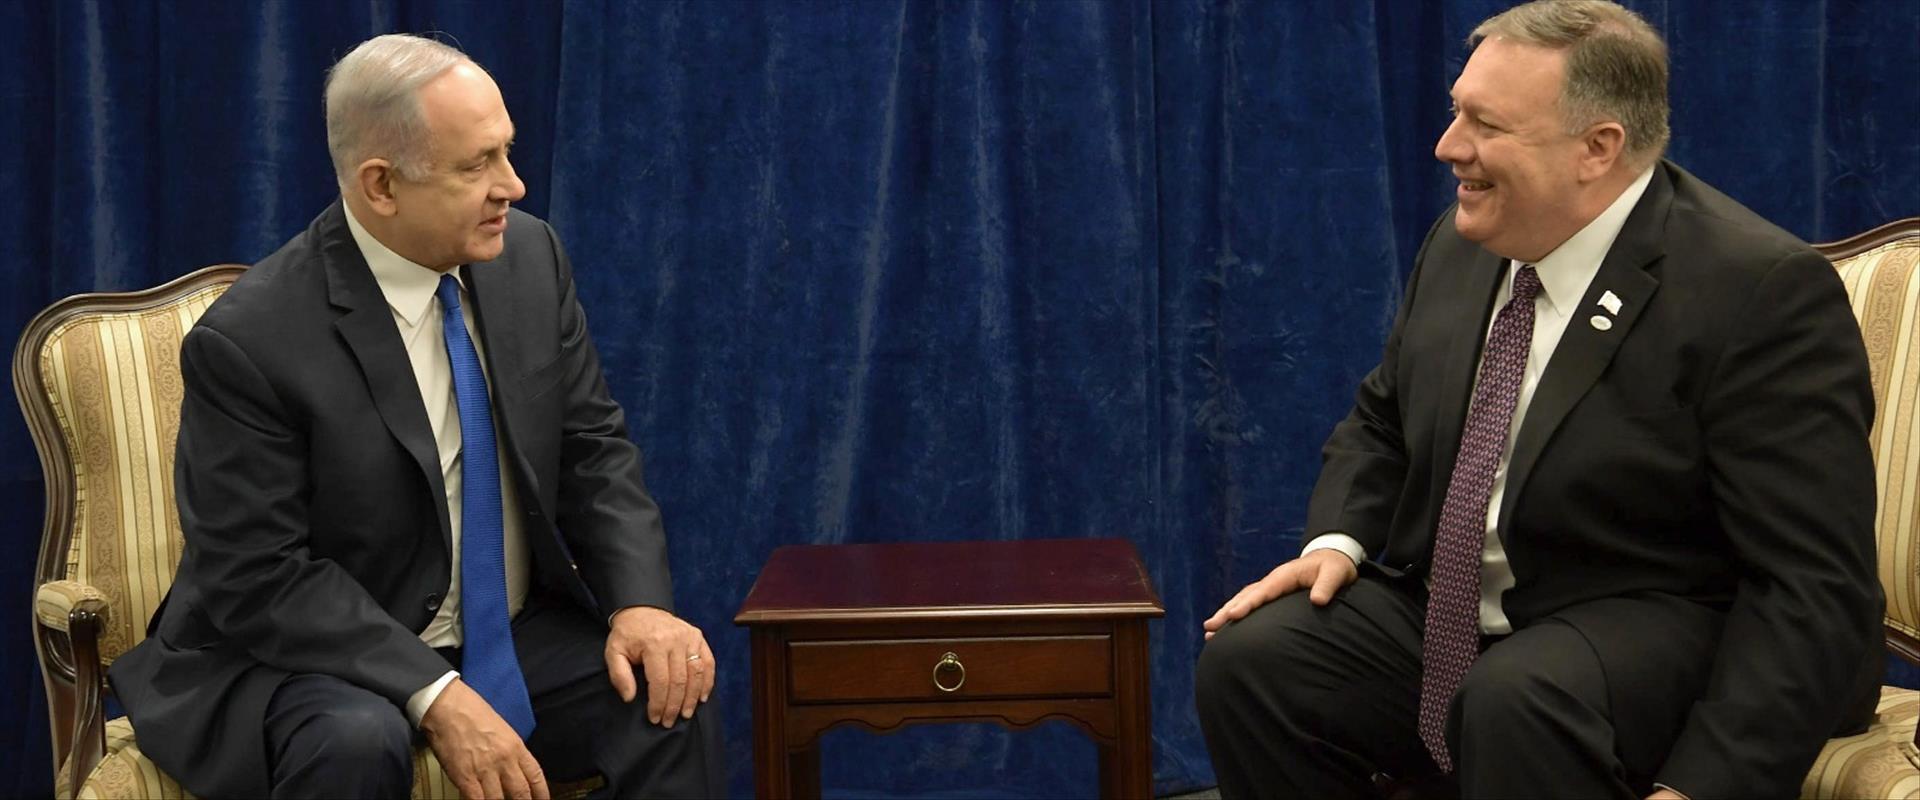 שר החוץ האמריקני מייק פומפאו ובנימין נתניהו